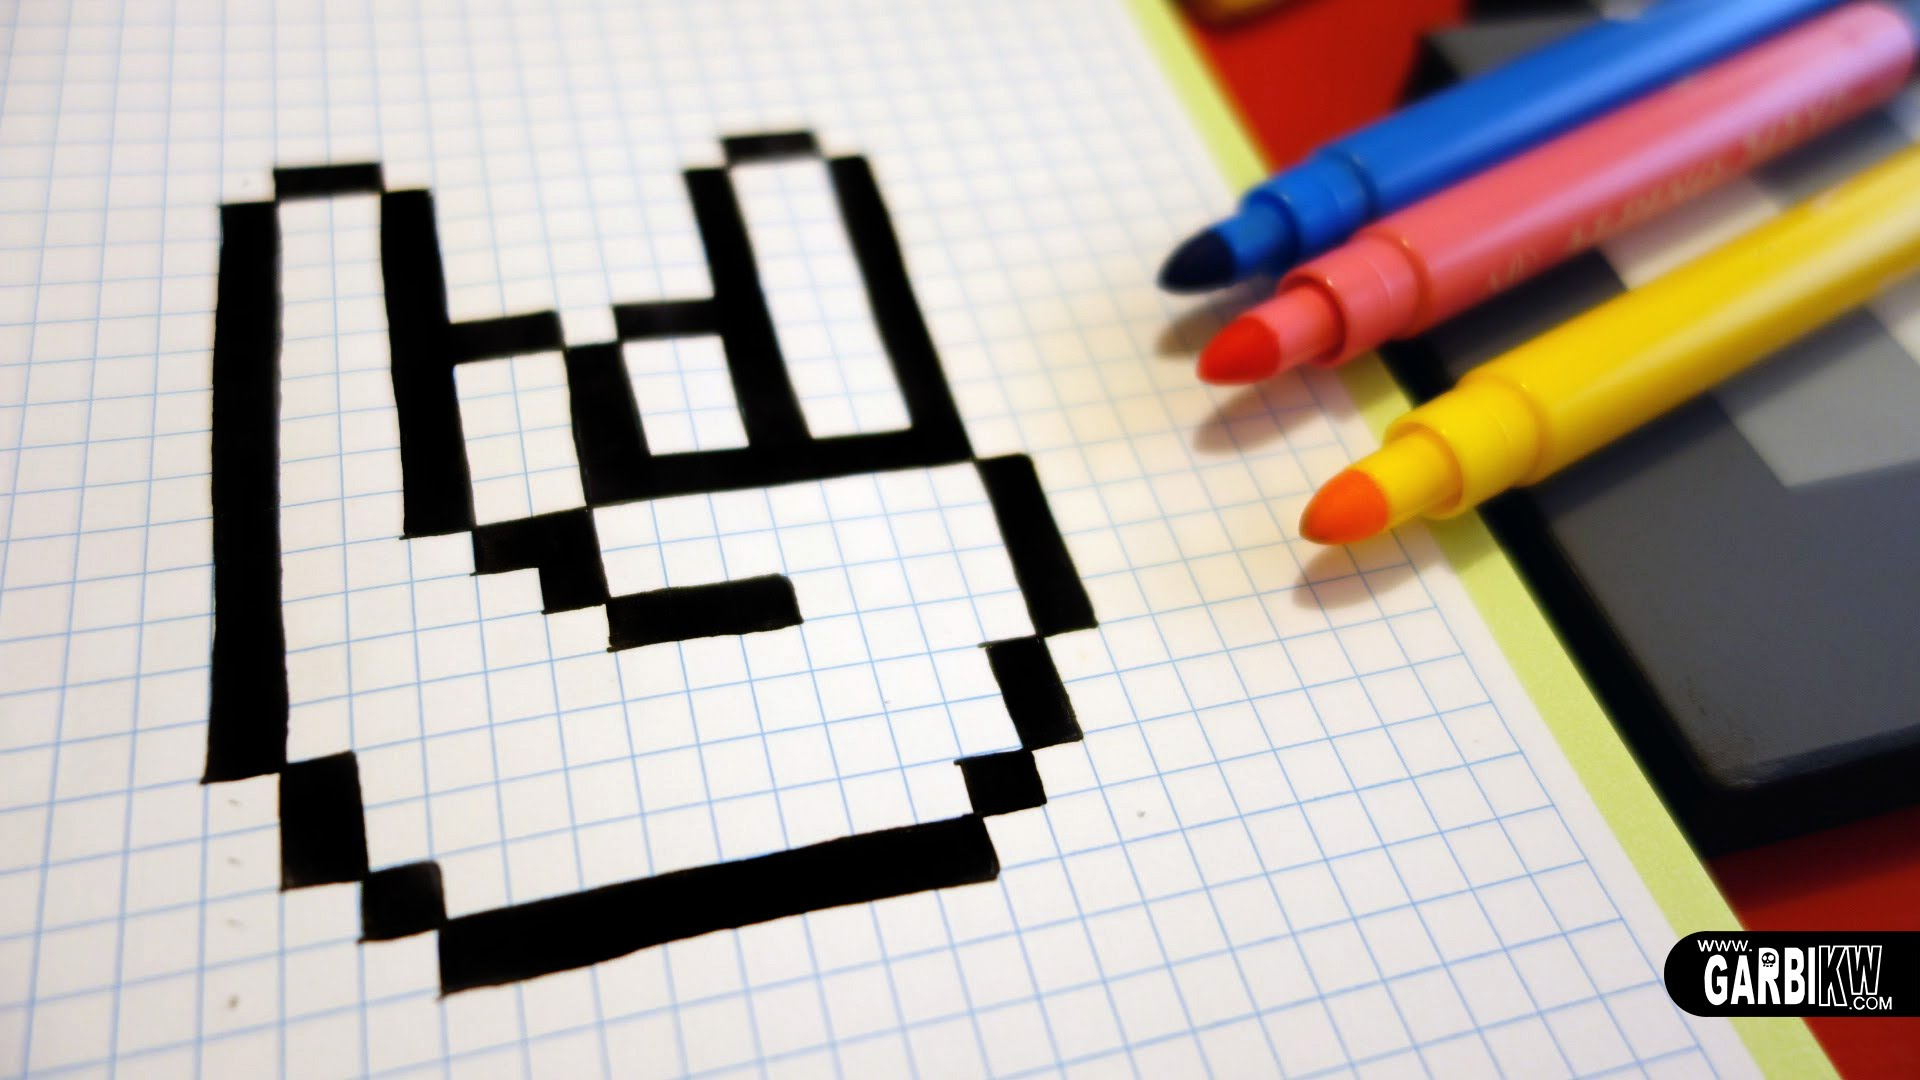 Nice Images Collection: Pixel Art Desktop Wallpapers